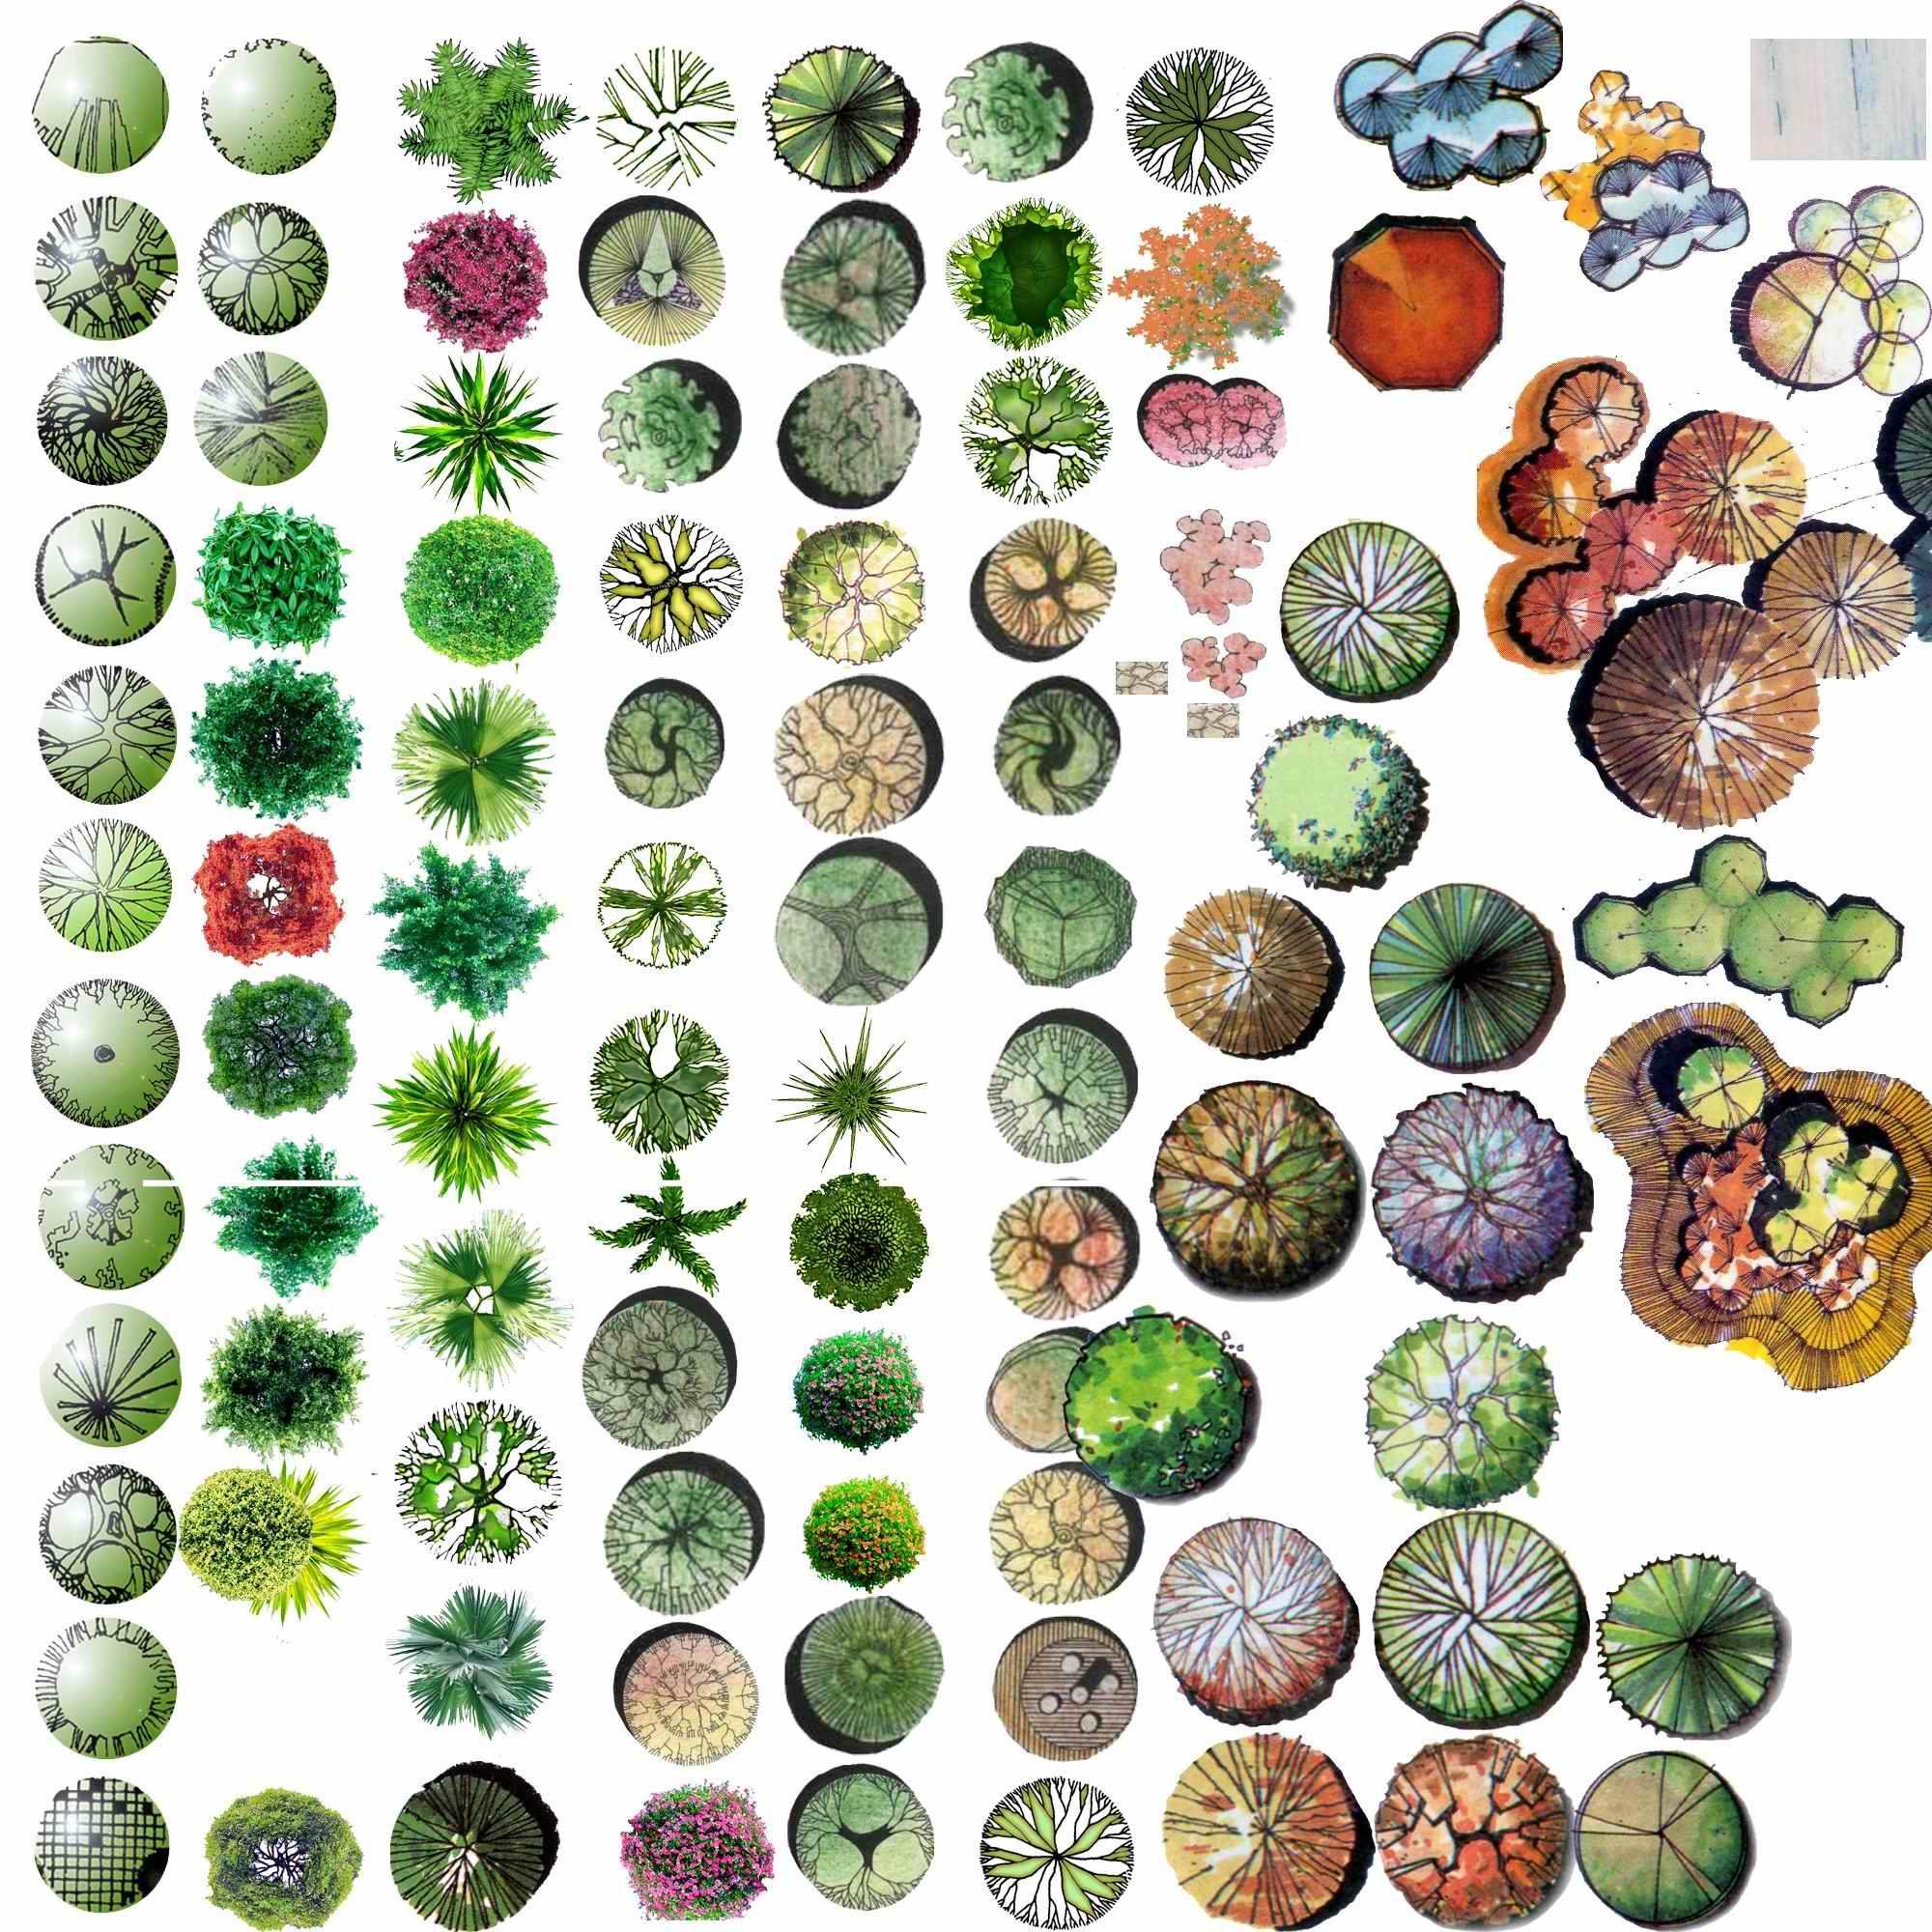 下载的PS植物平面图